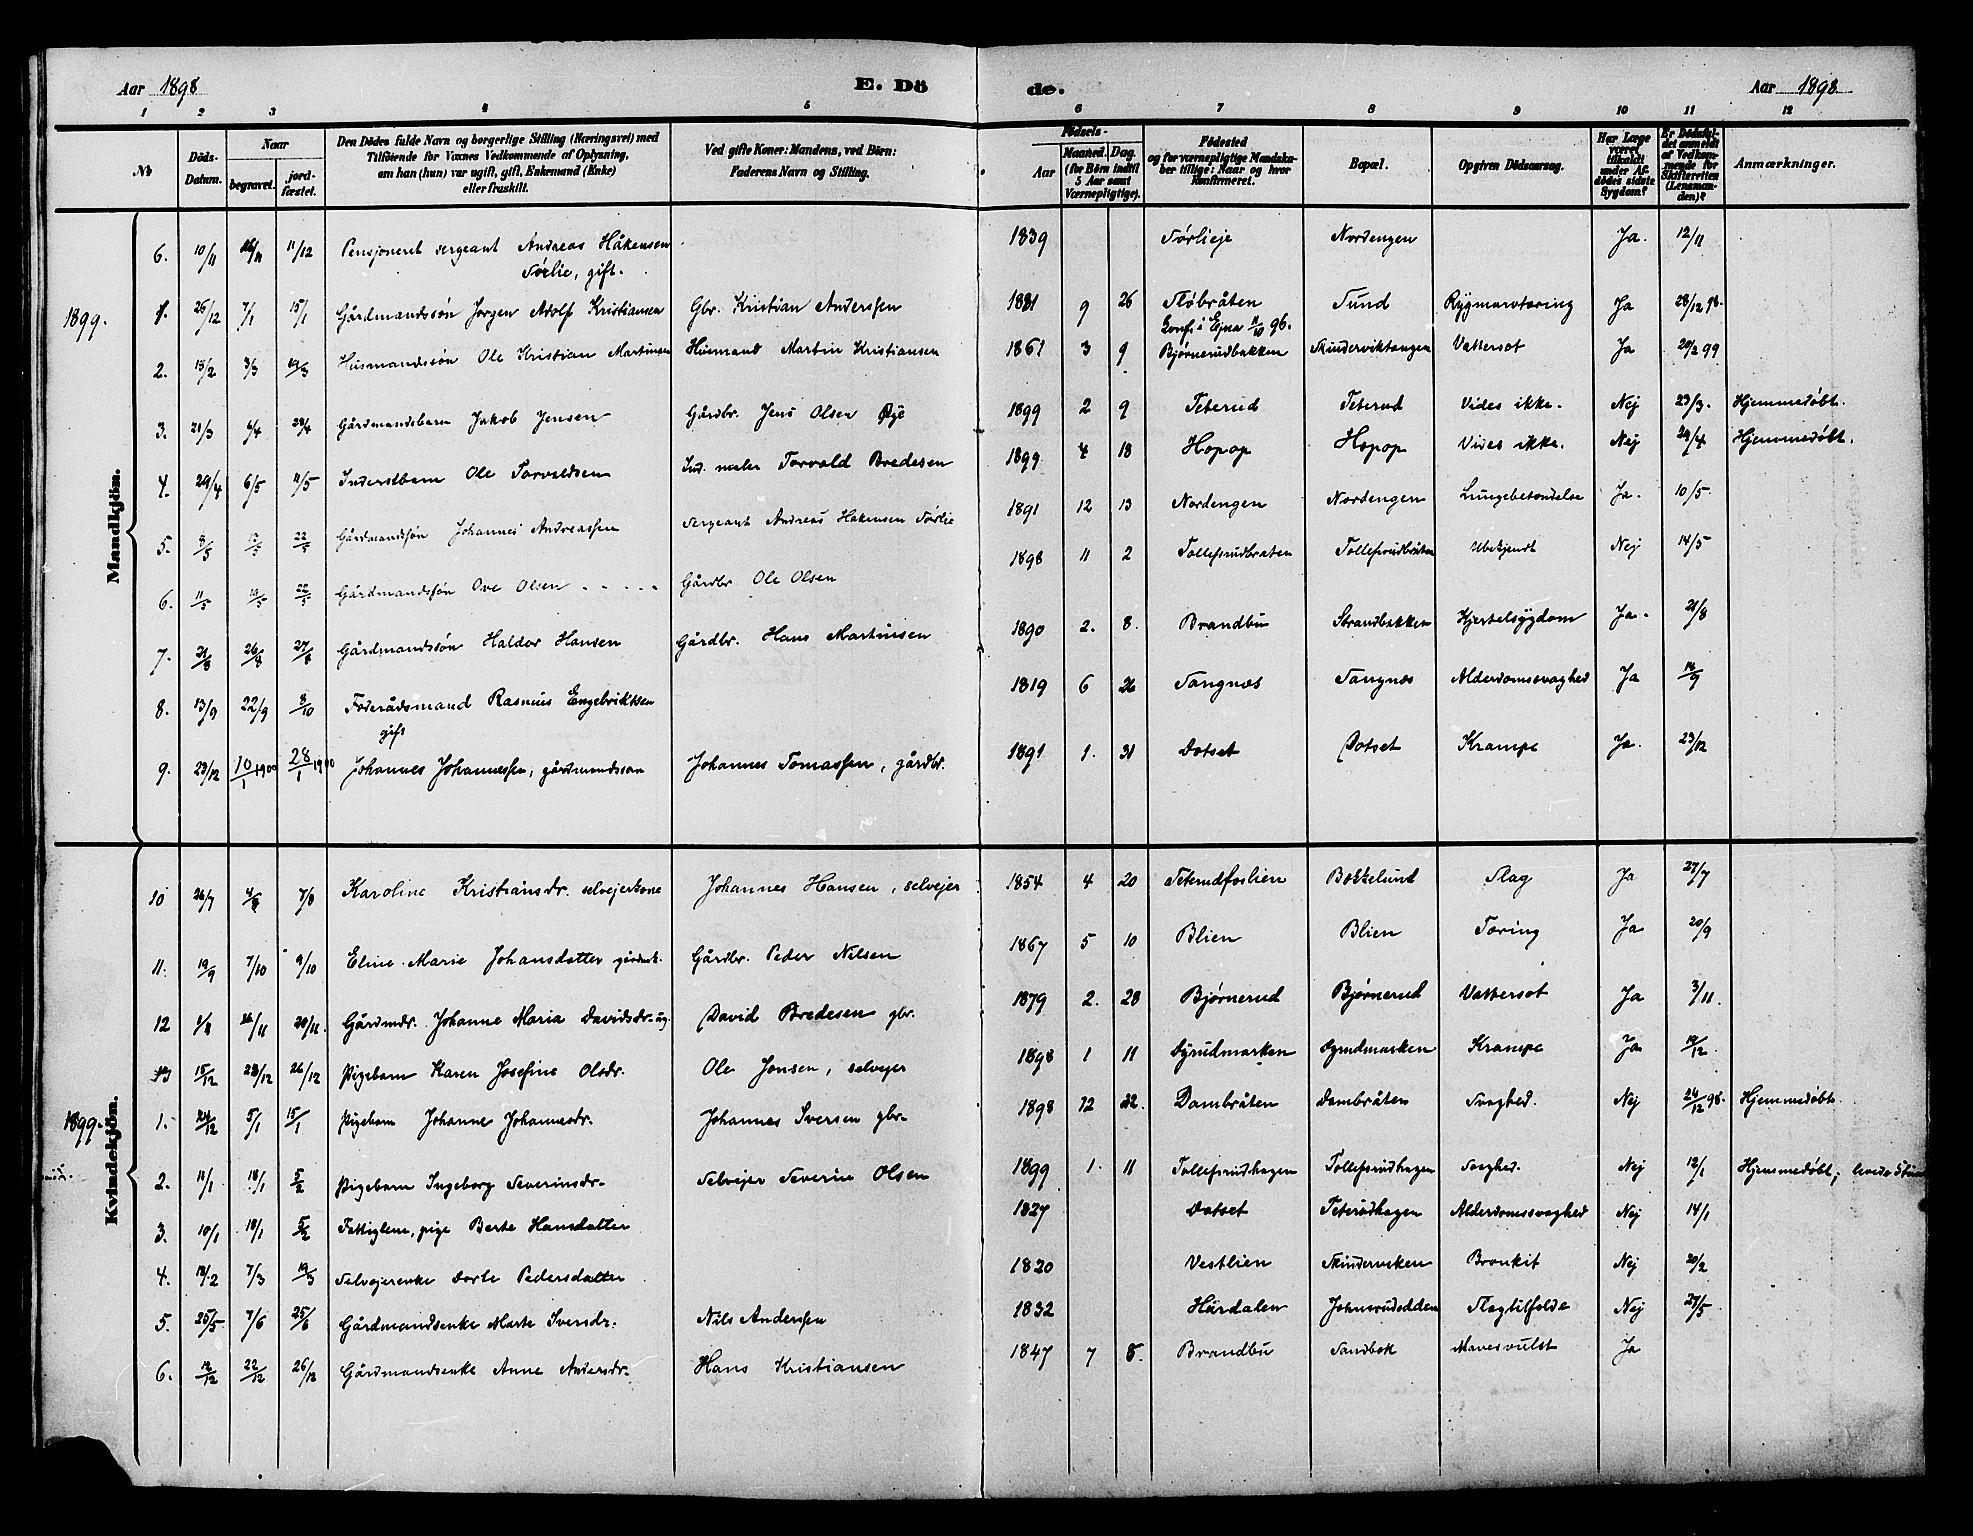 SAH, Vestre Toten prestekontor, Klokkerbok nr. 15, 1890-1900